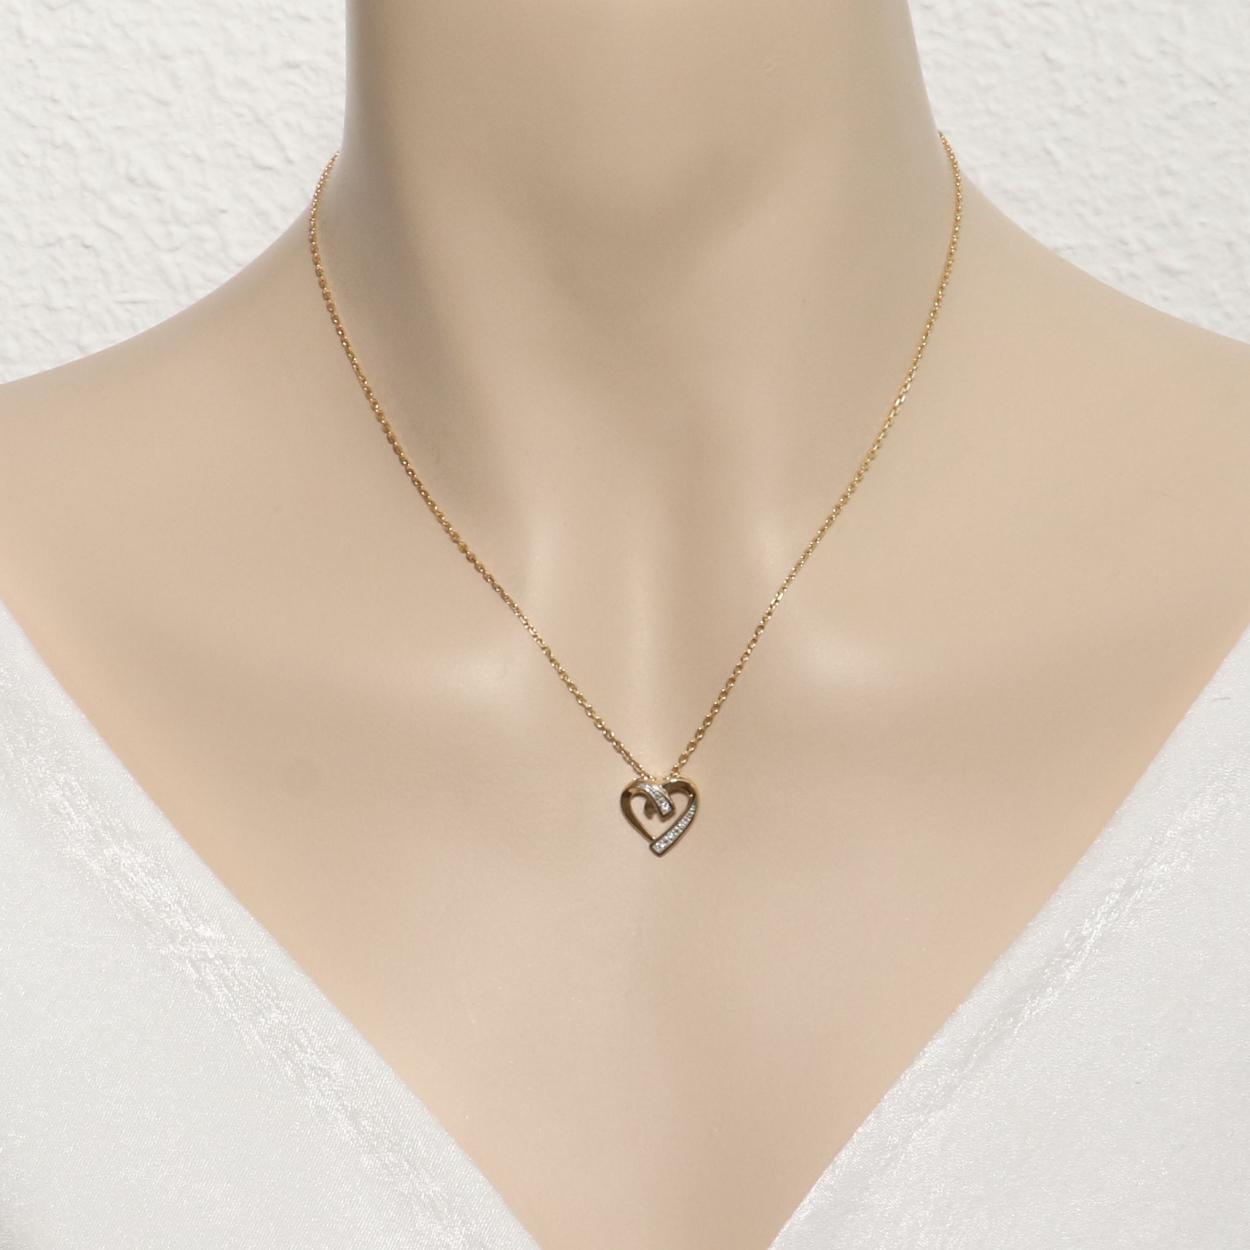 55694128c72 Pendentif Coeur Or Jaune 750 et Diamant Ref. 44722